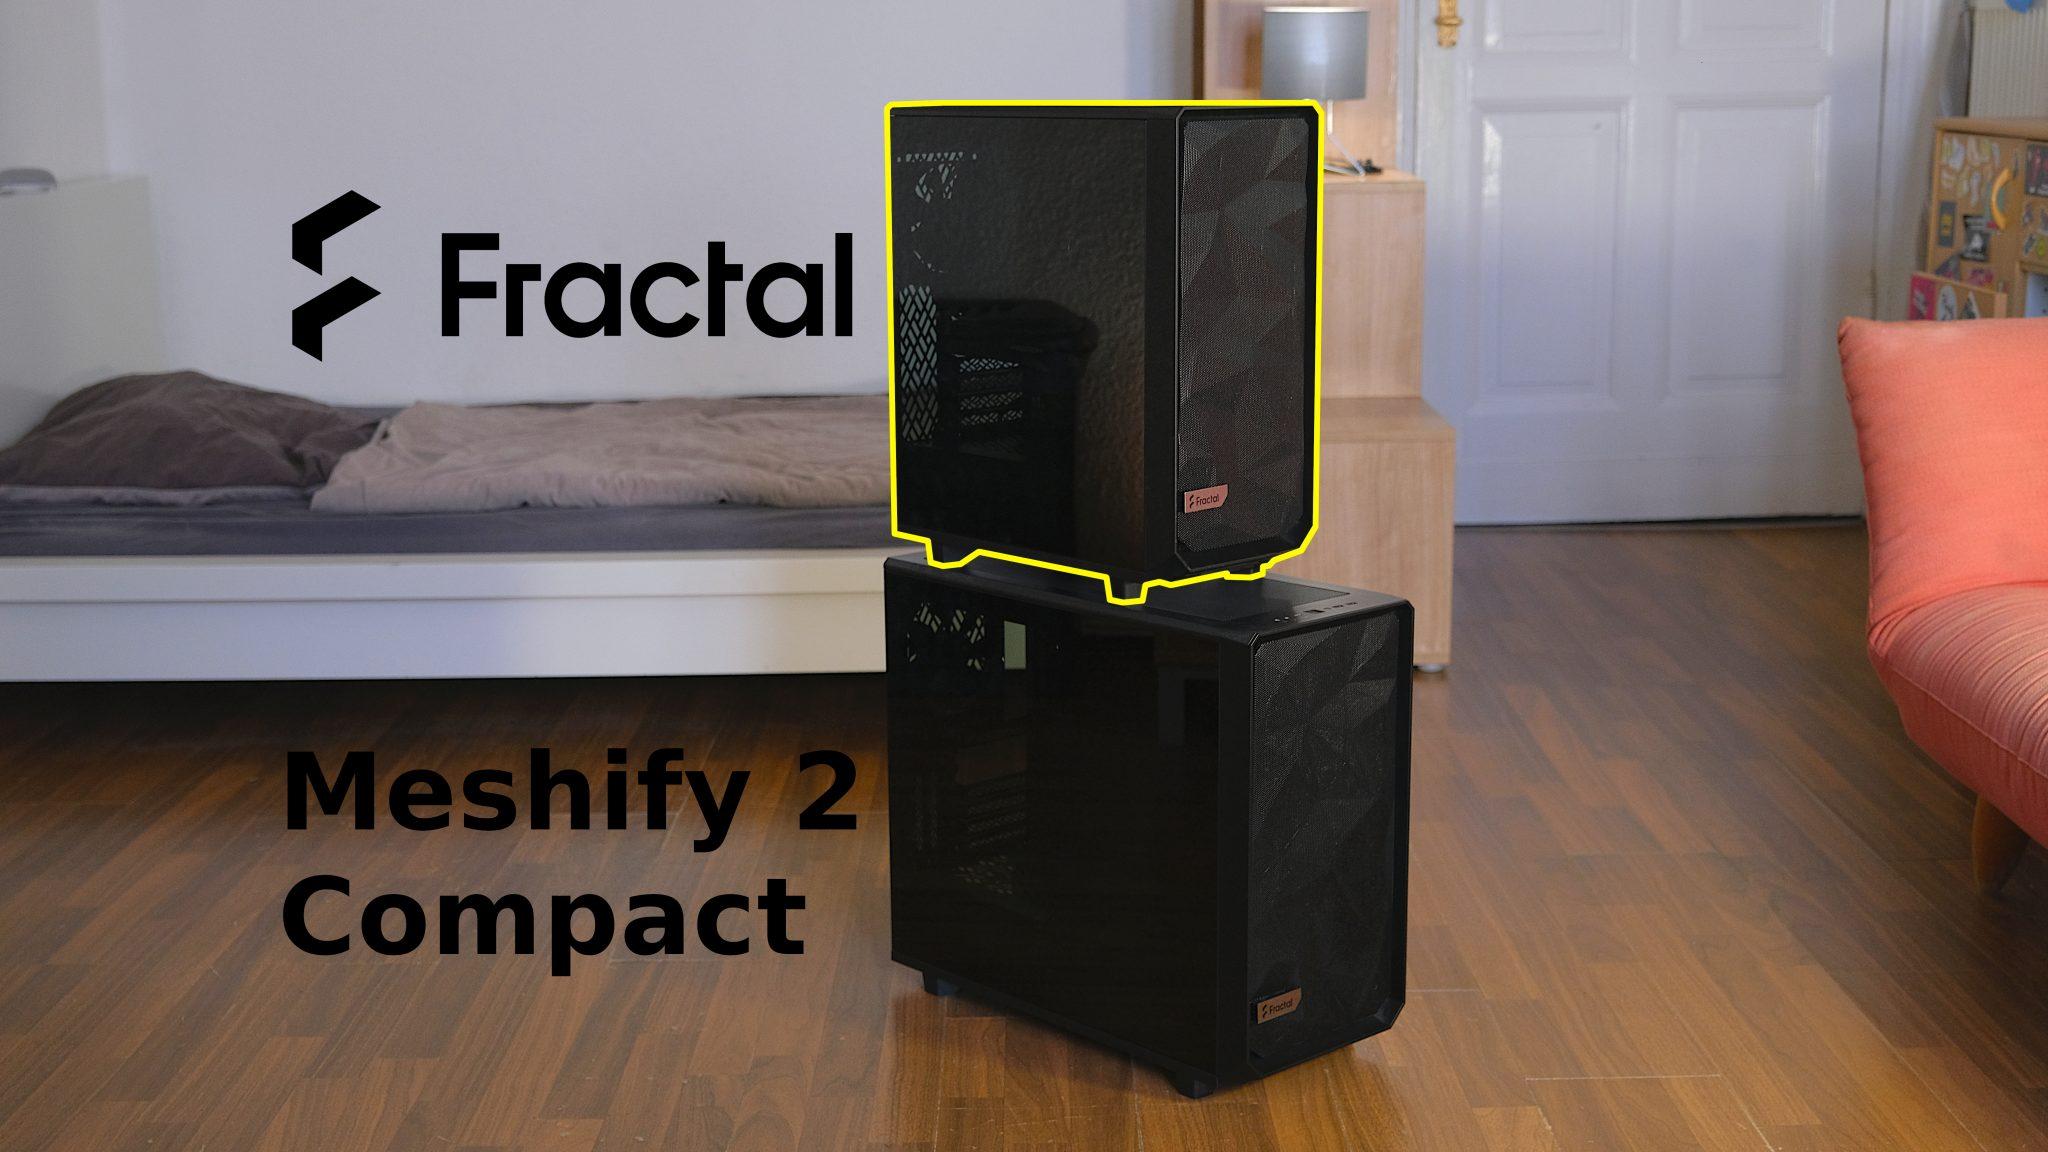 Fractal Meshify 2 Compact im Test: Einen schmalen Schritt voraus